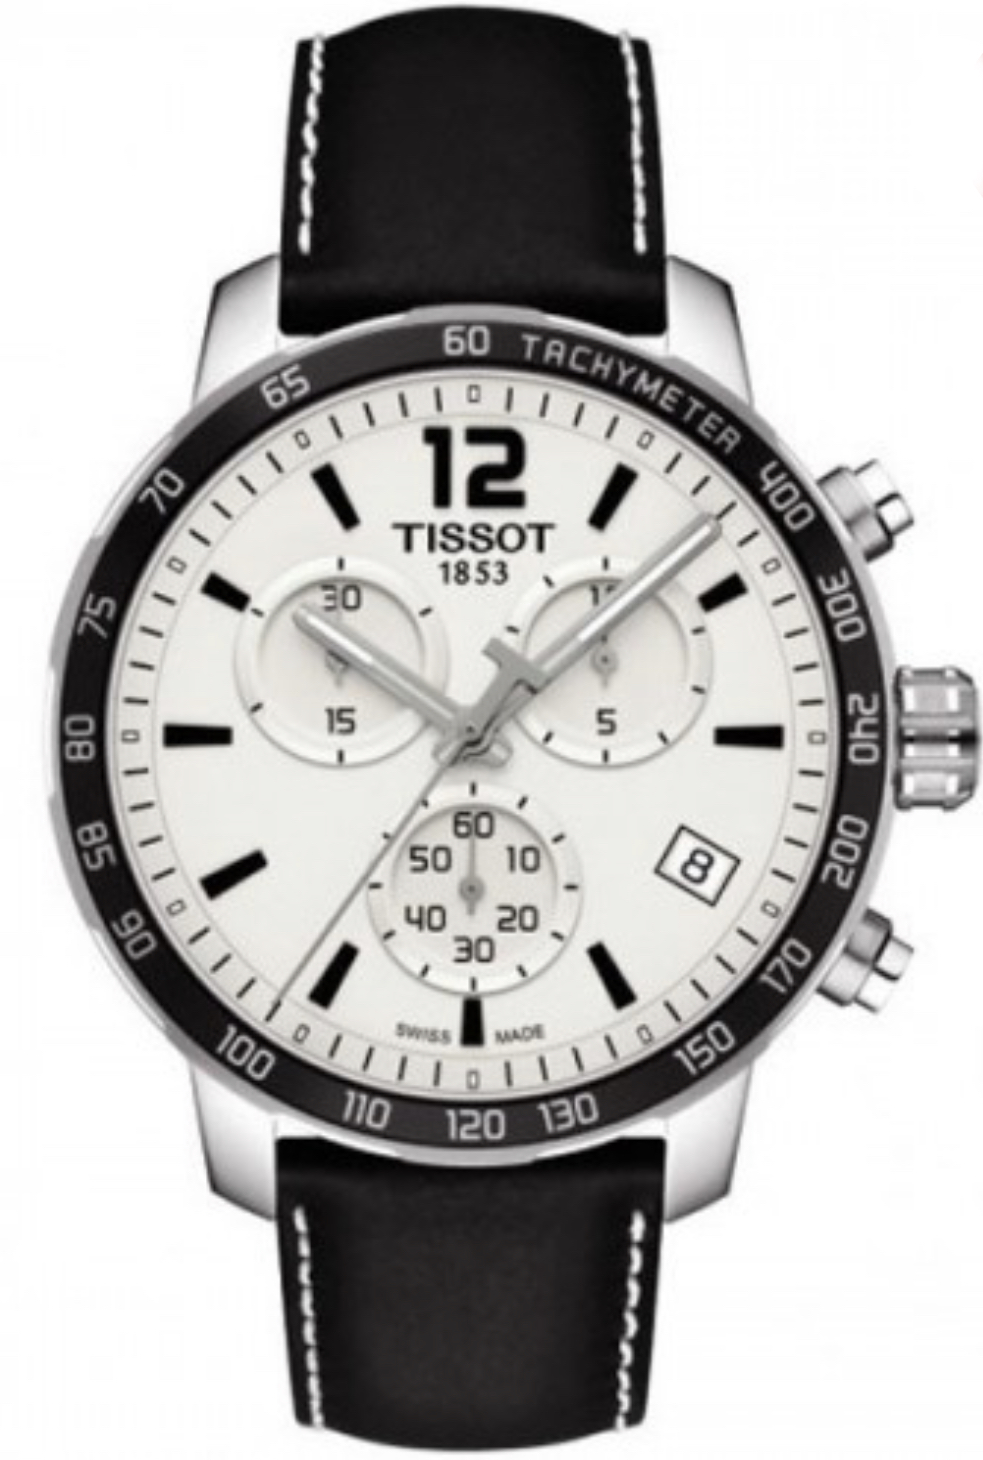 Tissot - [VENDU] Tissot Chrono fonds blanc  A9fe9910